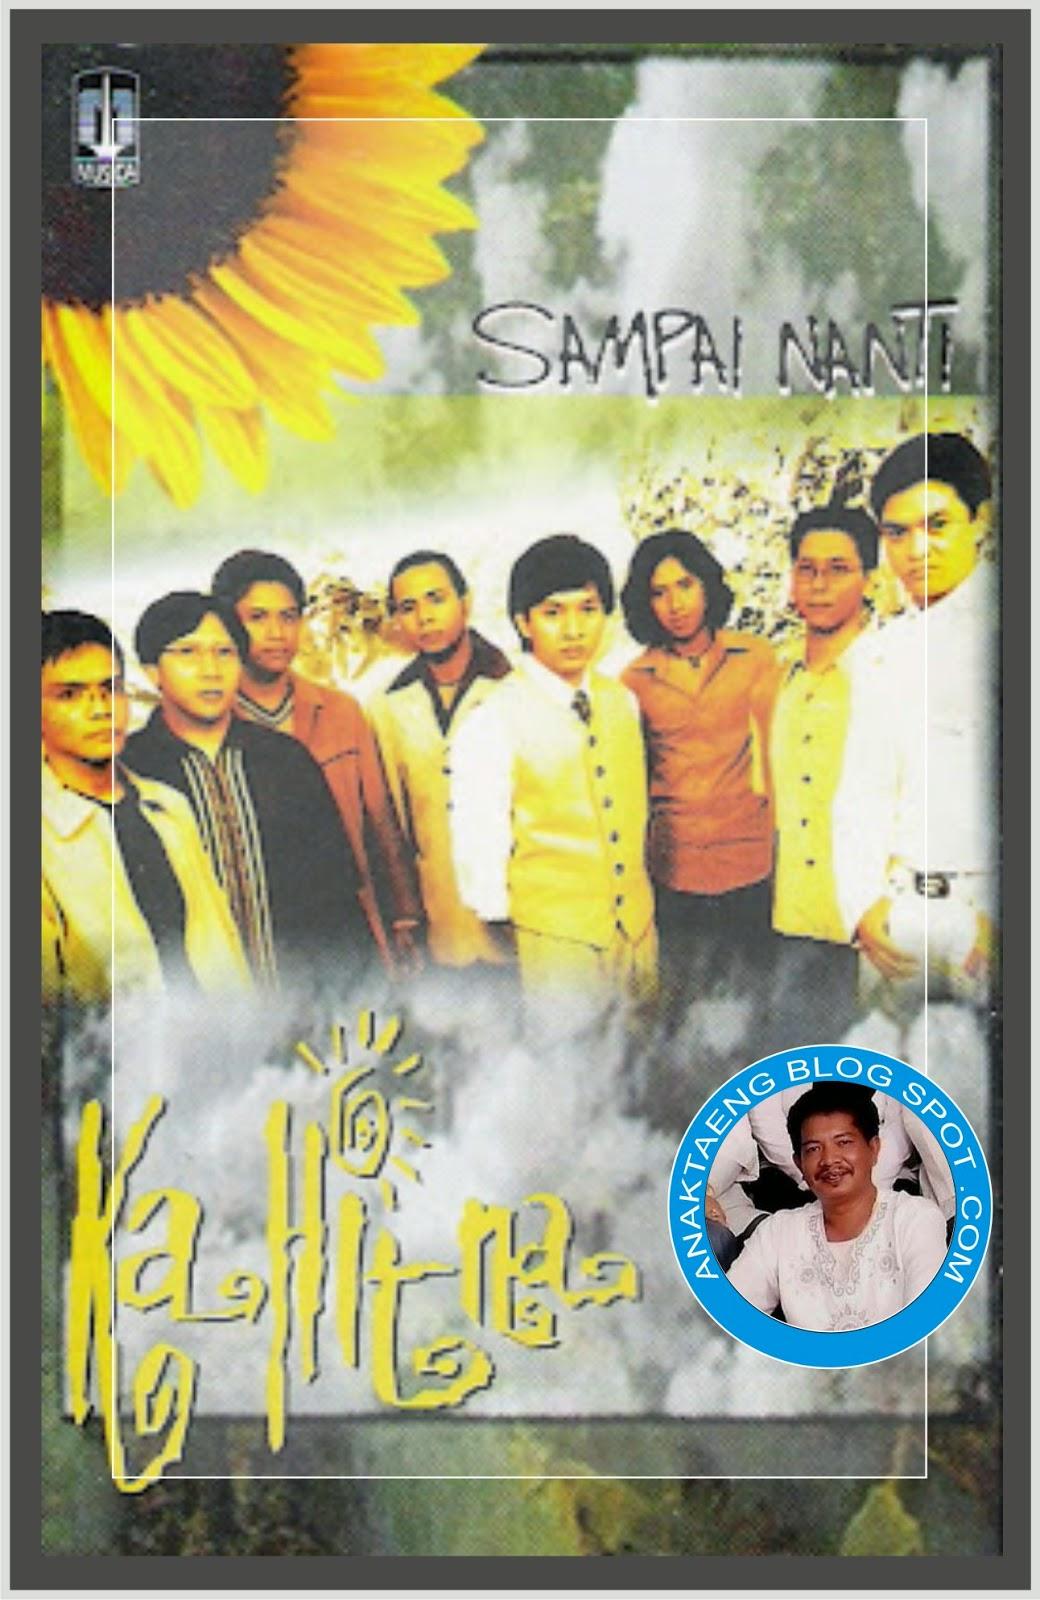 Download Lagu Kahitna Cerita Cinta : download, kahitna, cerita, cinta, Download, Kahitna, Cerita, Cinta, Uyeshare, Contoh